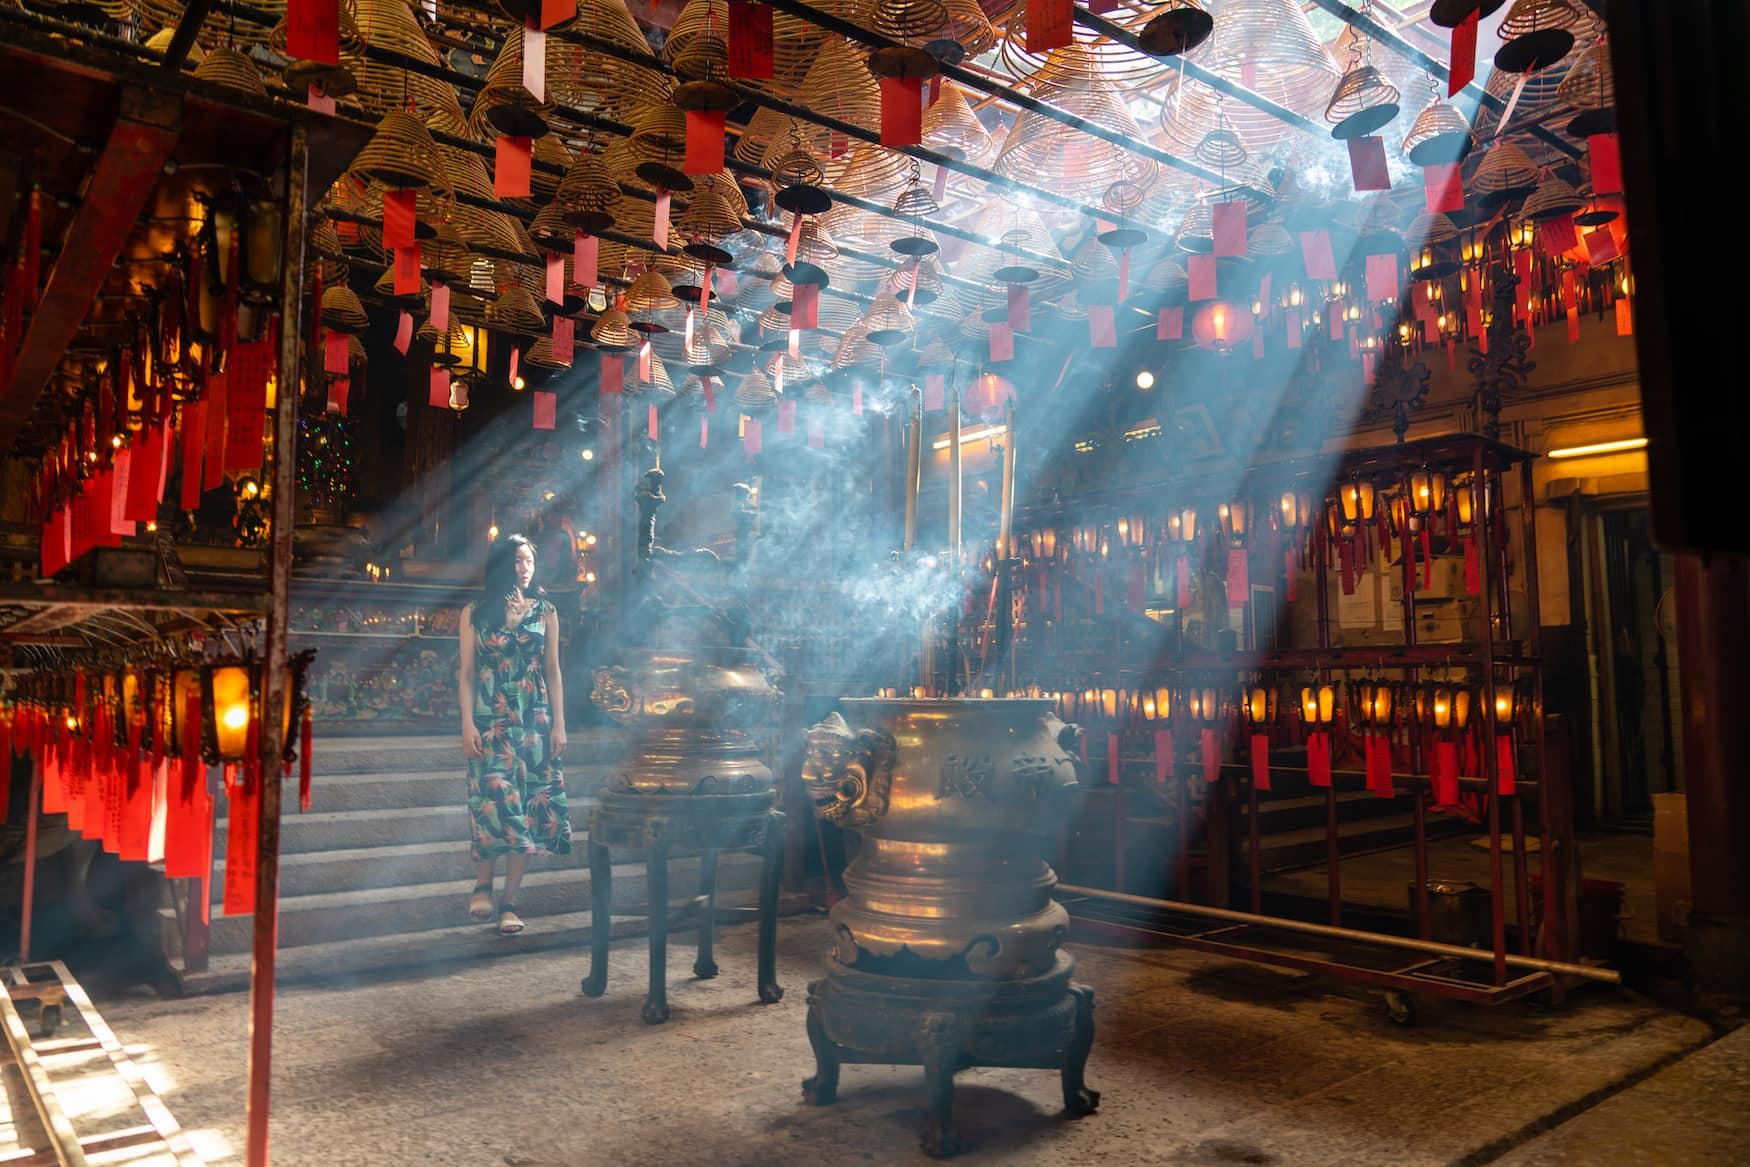 Man Mo Tempel in Hongkong. Hierher pilgern Menschen im Jahr des Büffels für Glück und gute Noten.